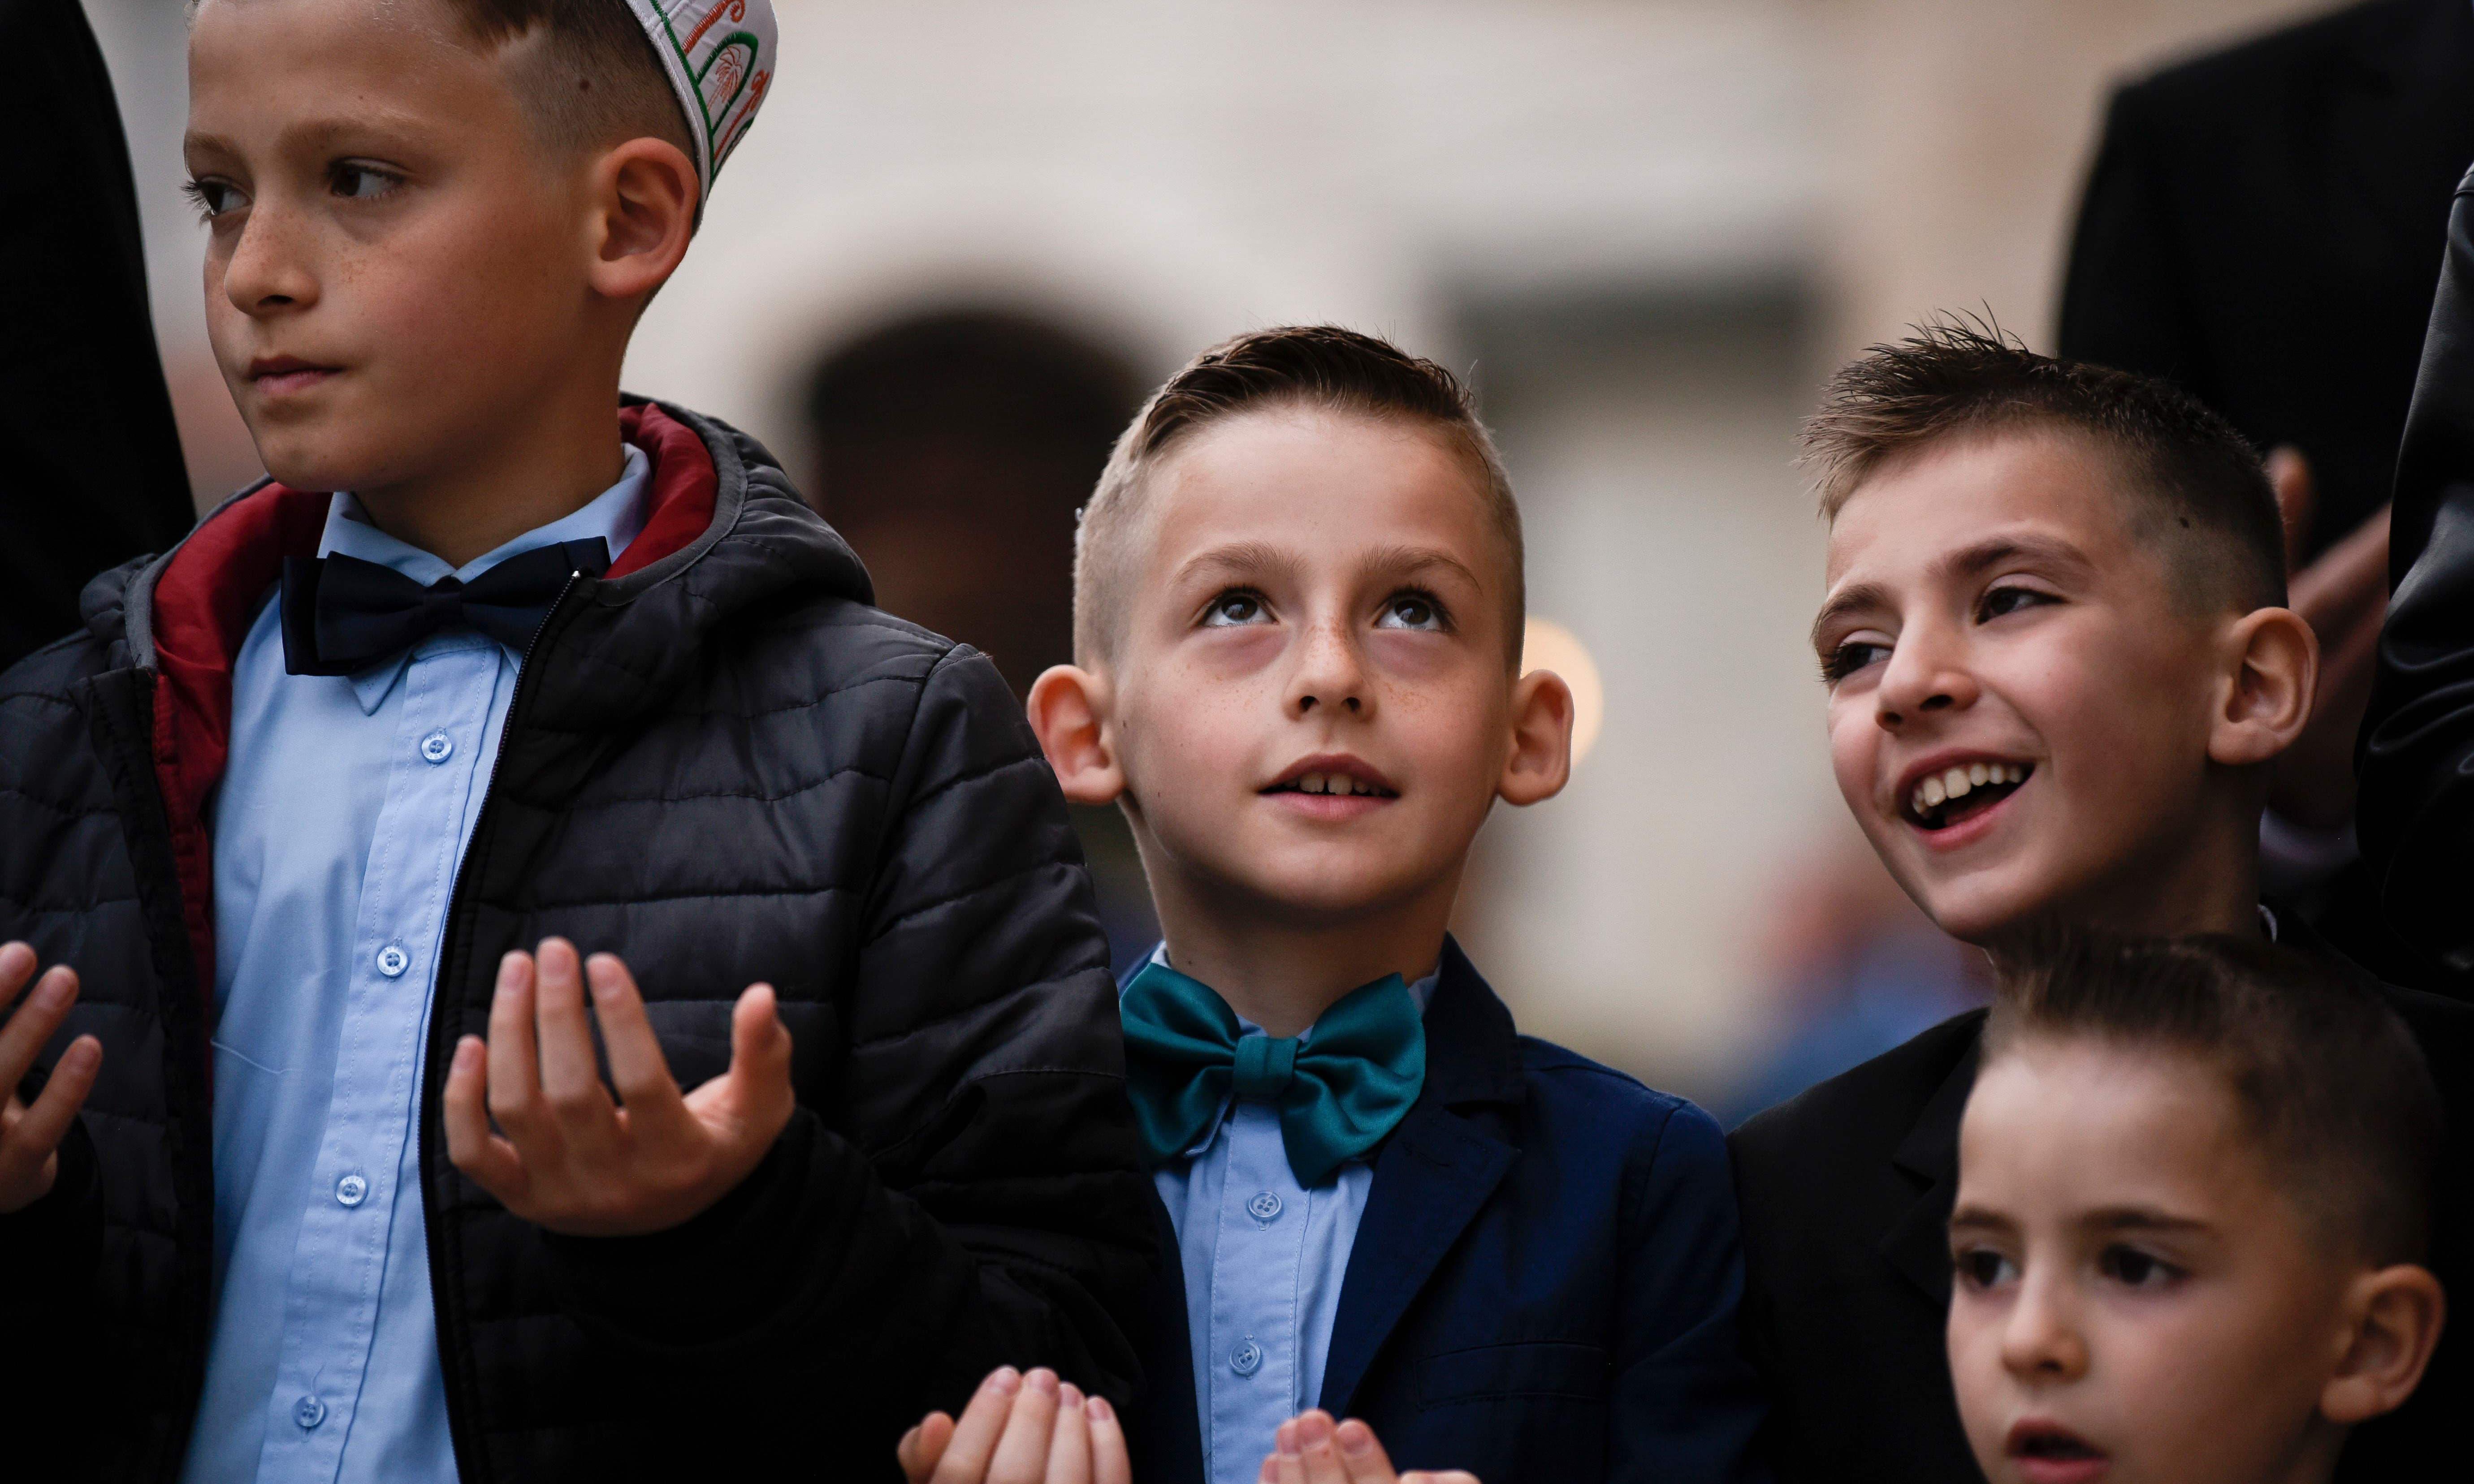 کوسووہ میں بچے بھی عید کی نماز میں والدین کے ساتھ شریک ہوئے —فوٹو/ اے ایف پی